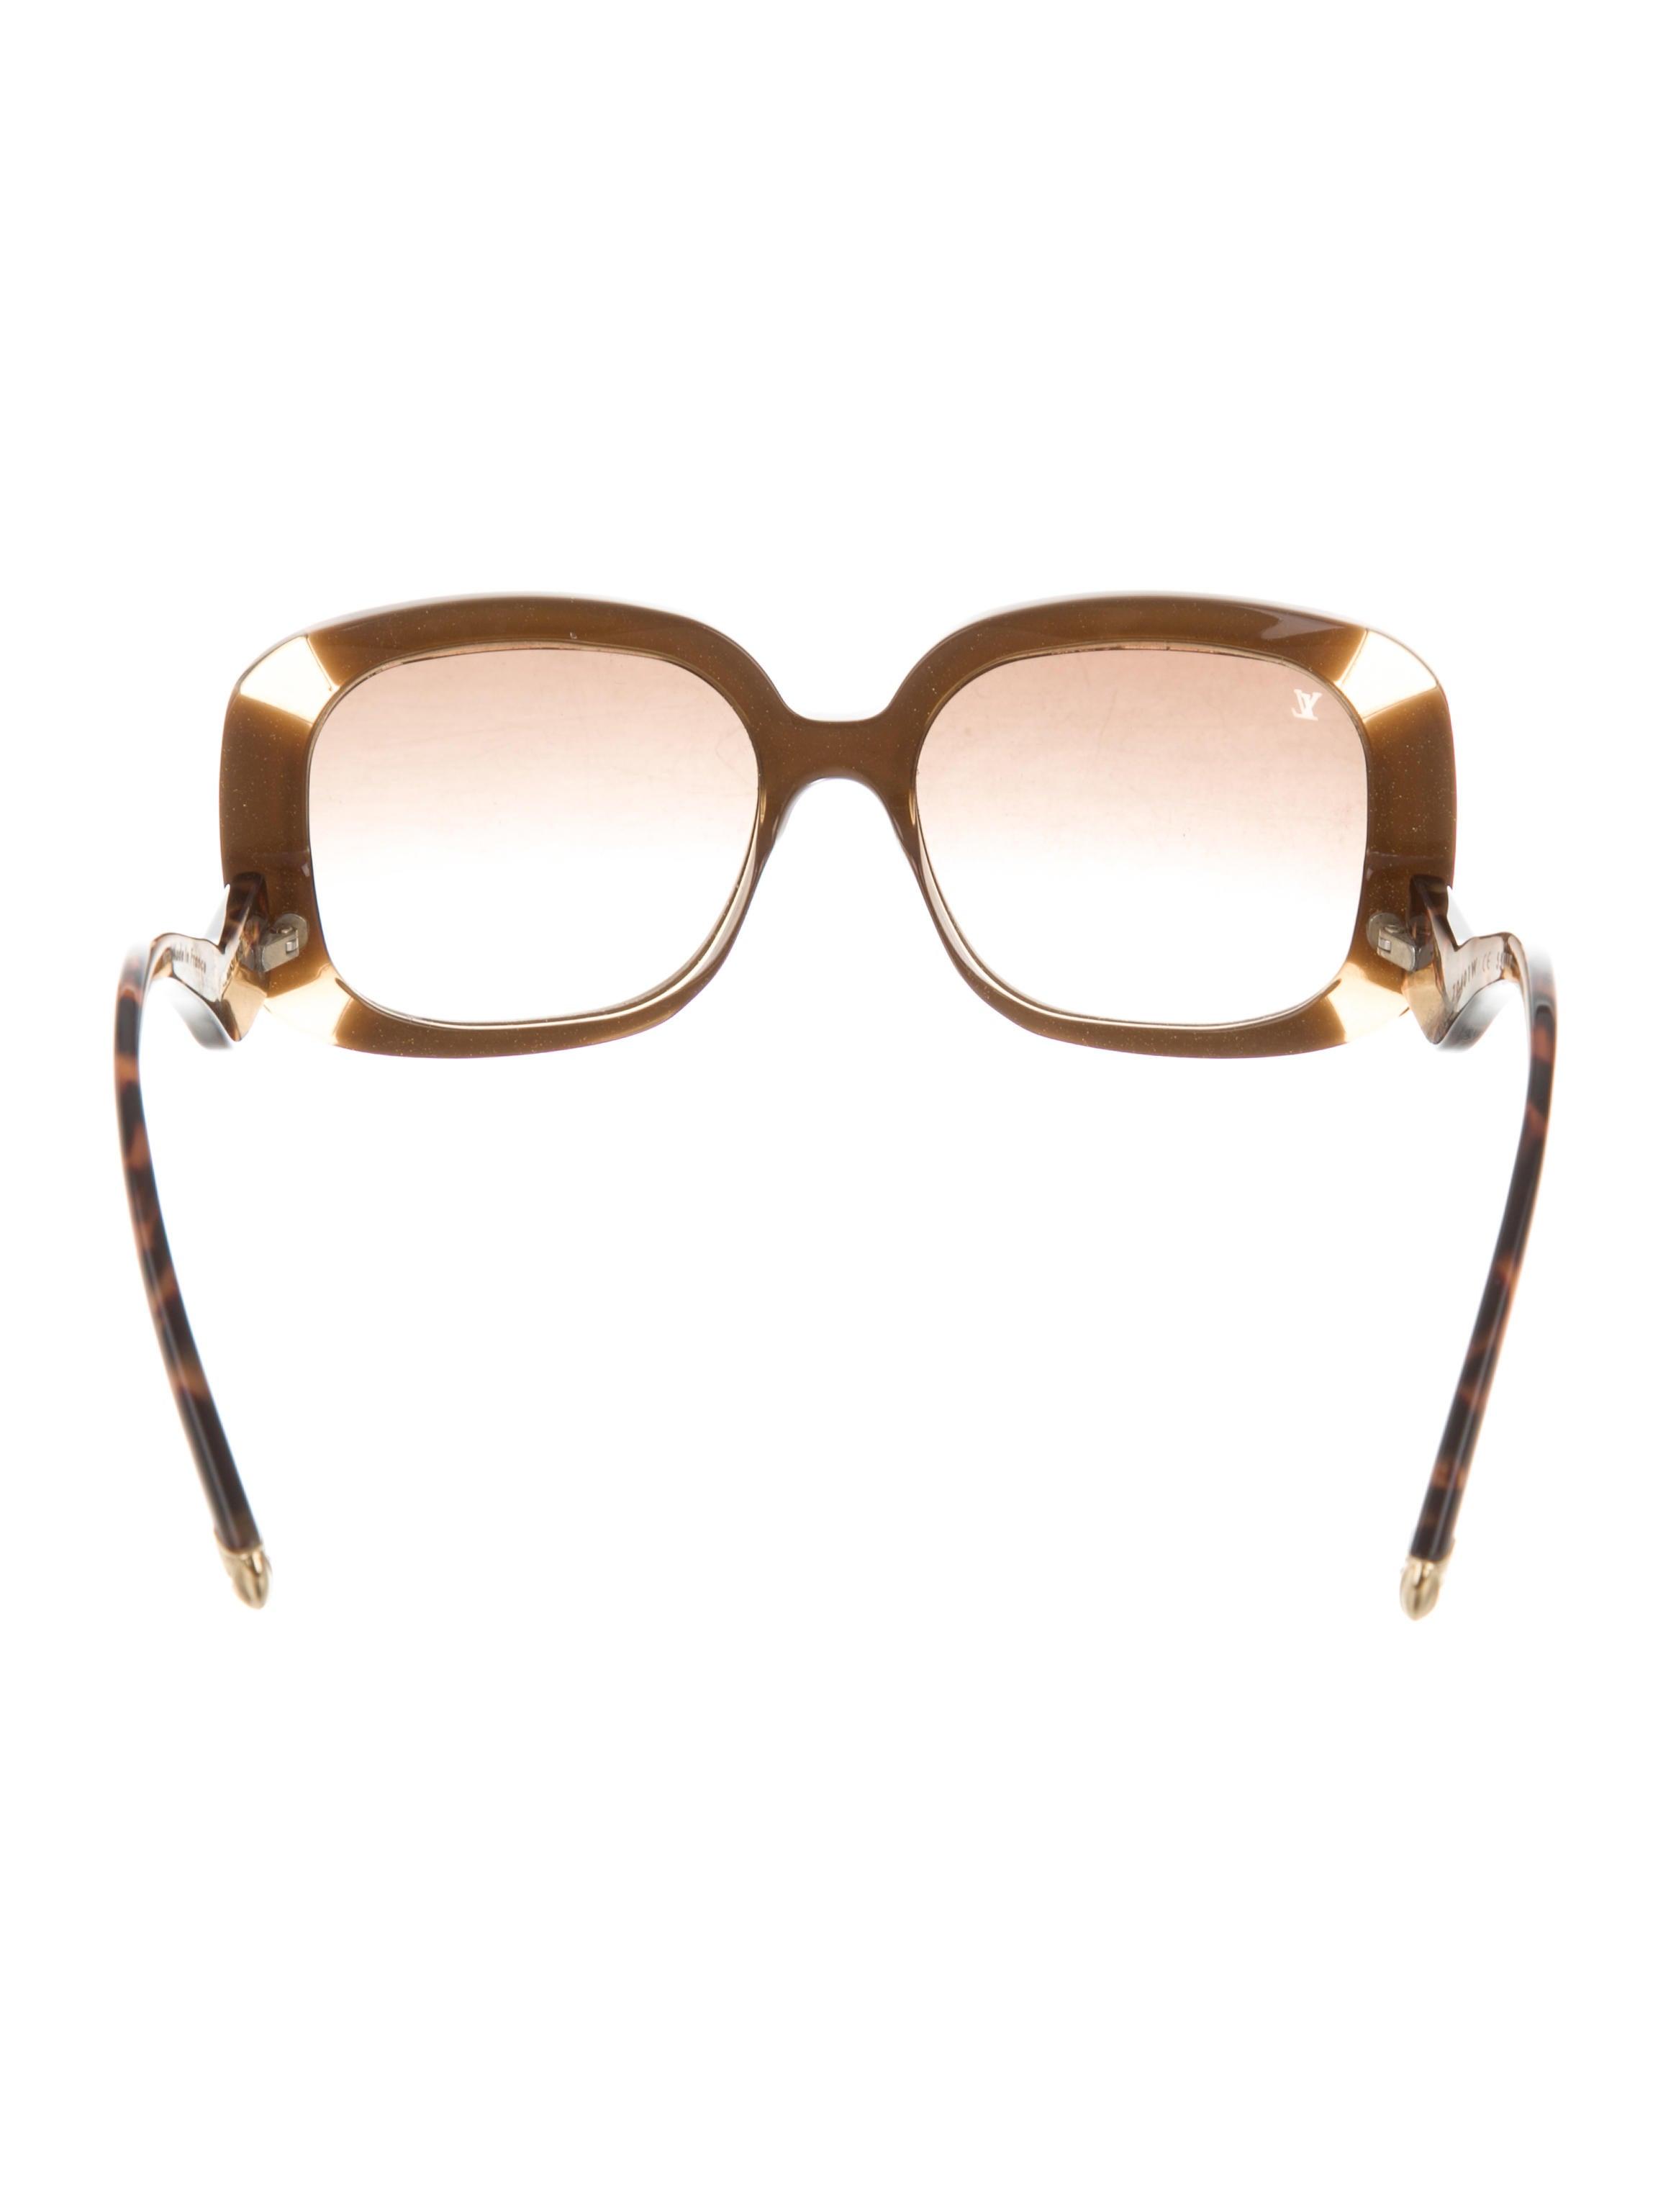 c6a4d336b44d Louis Vuitton Anemone Square Sunglasses - Accessories - LOU142334 ...